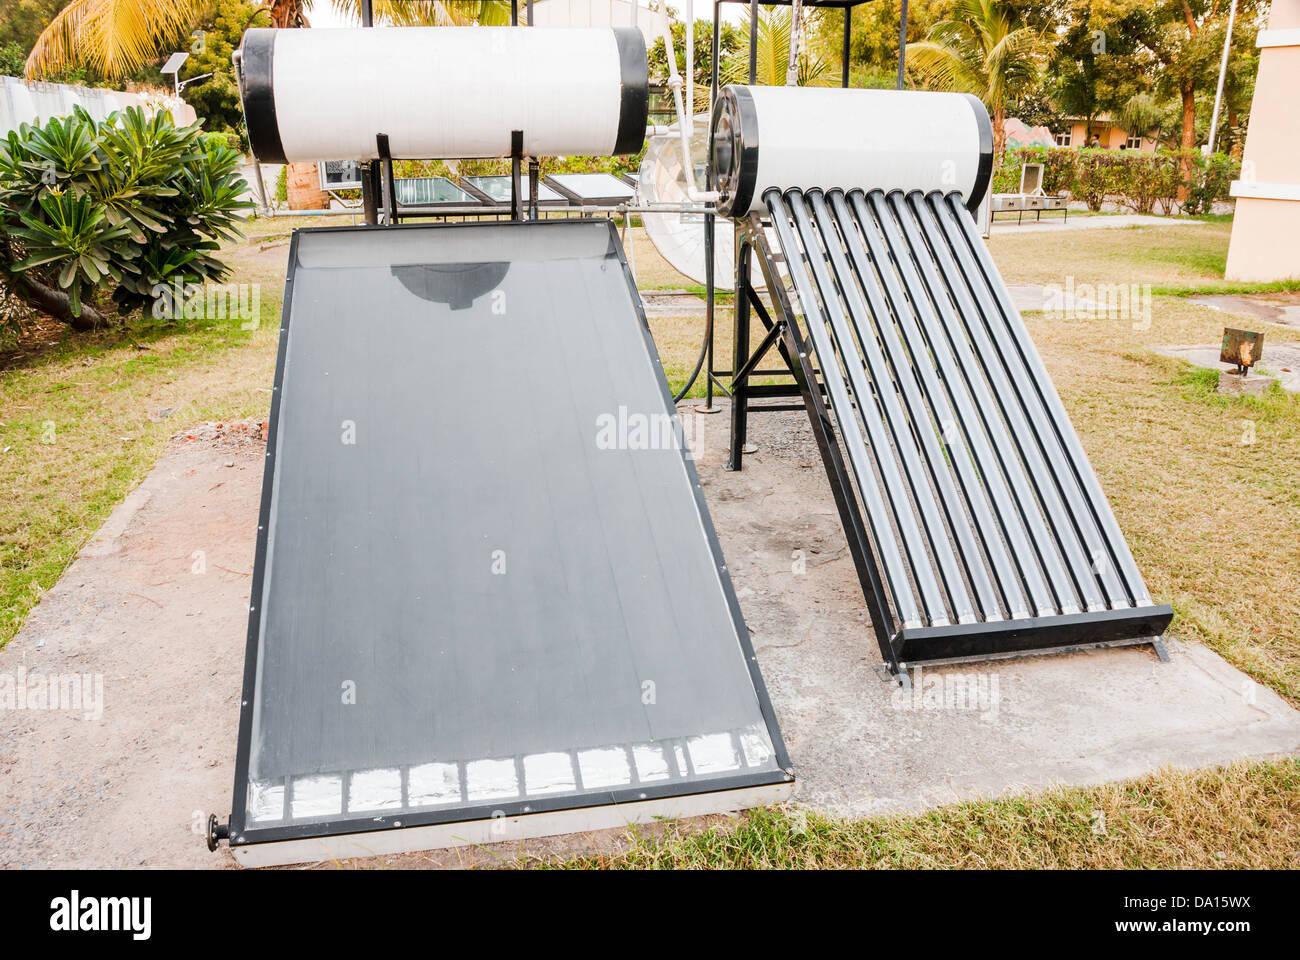 Caloriferi di acqua solari che utilizzano l'energia solare. Energia verde simbolo Immagini Stock